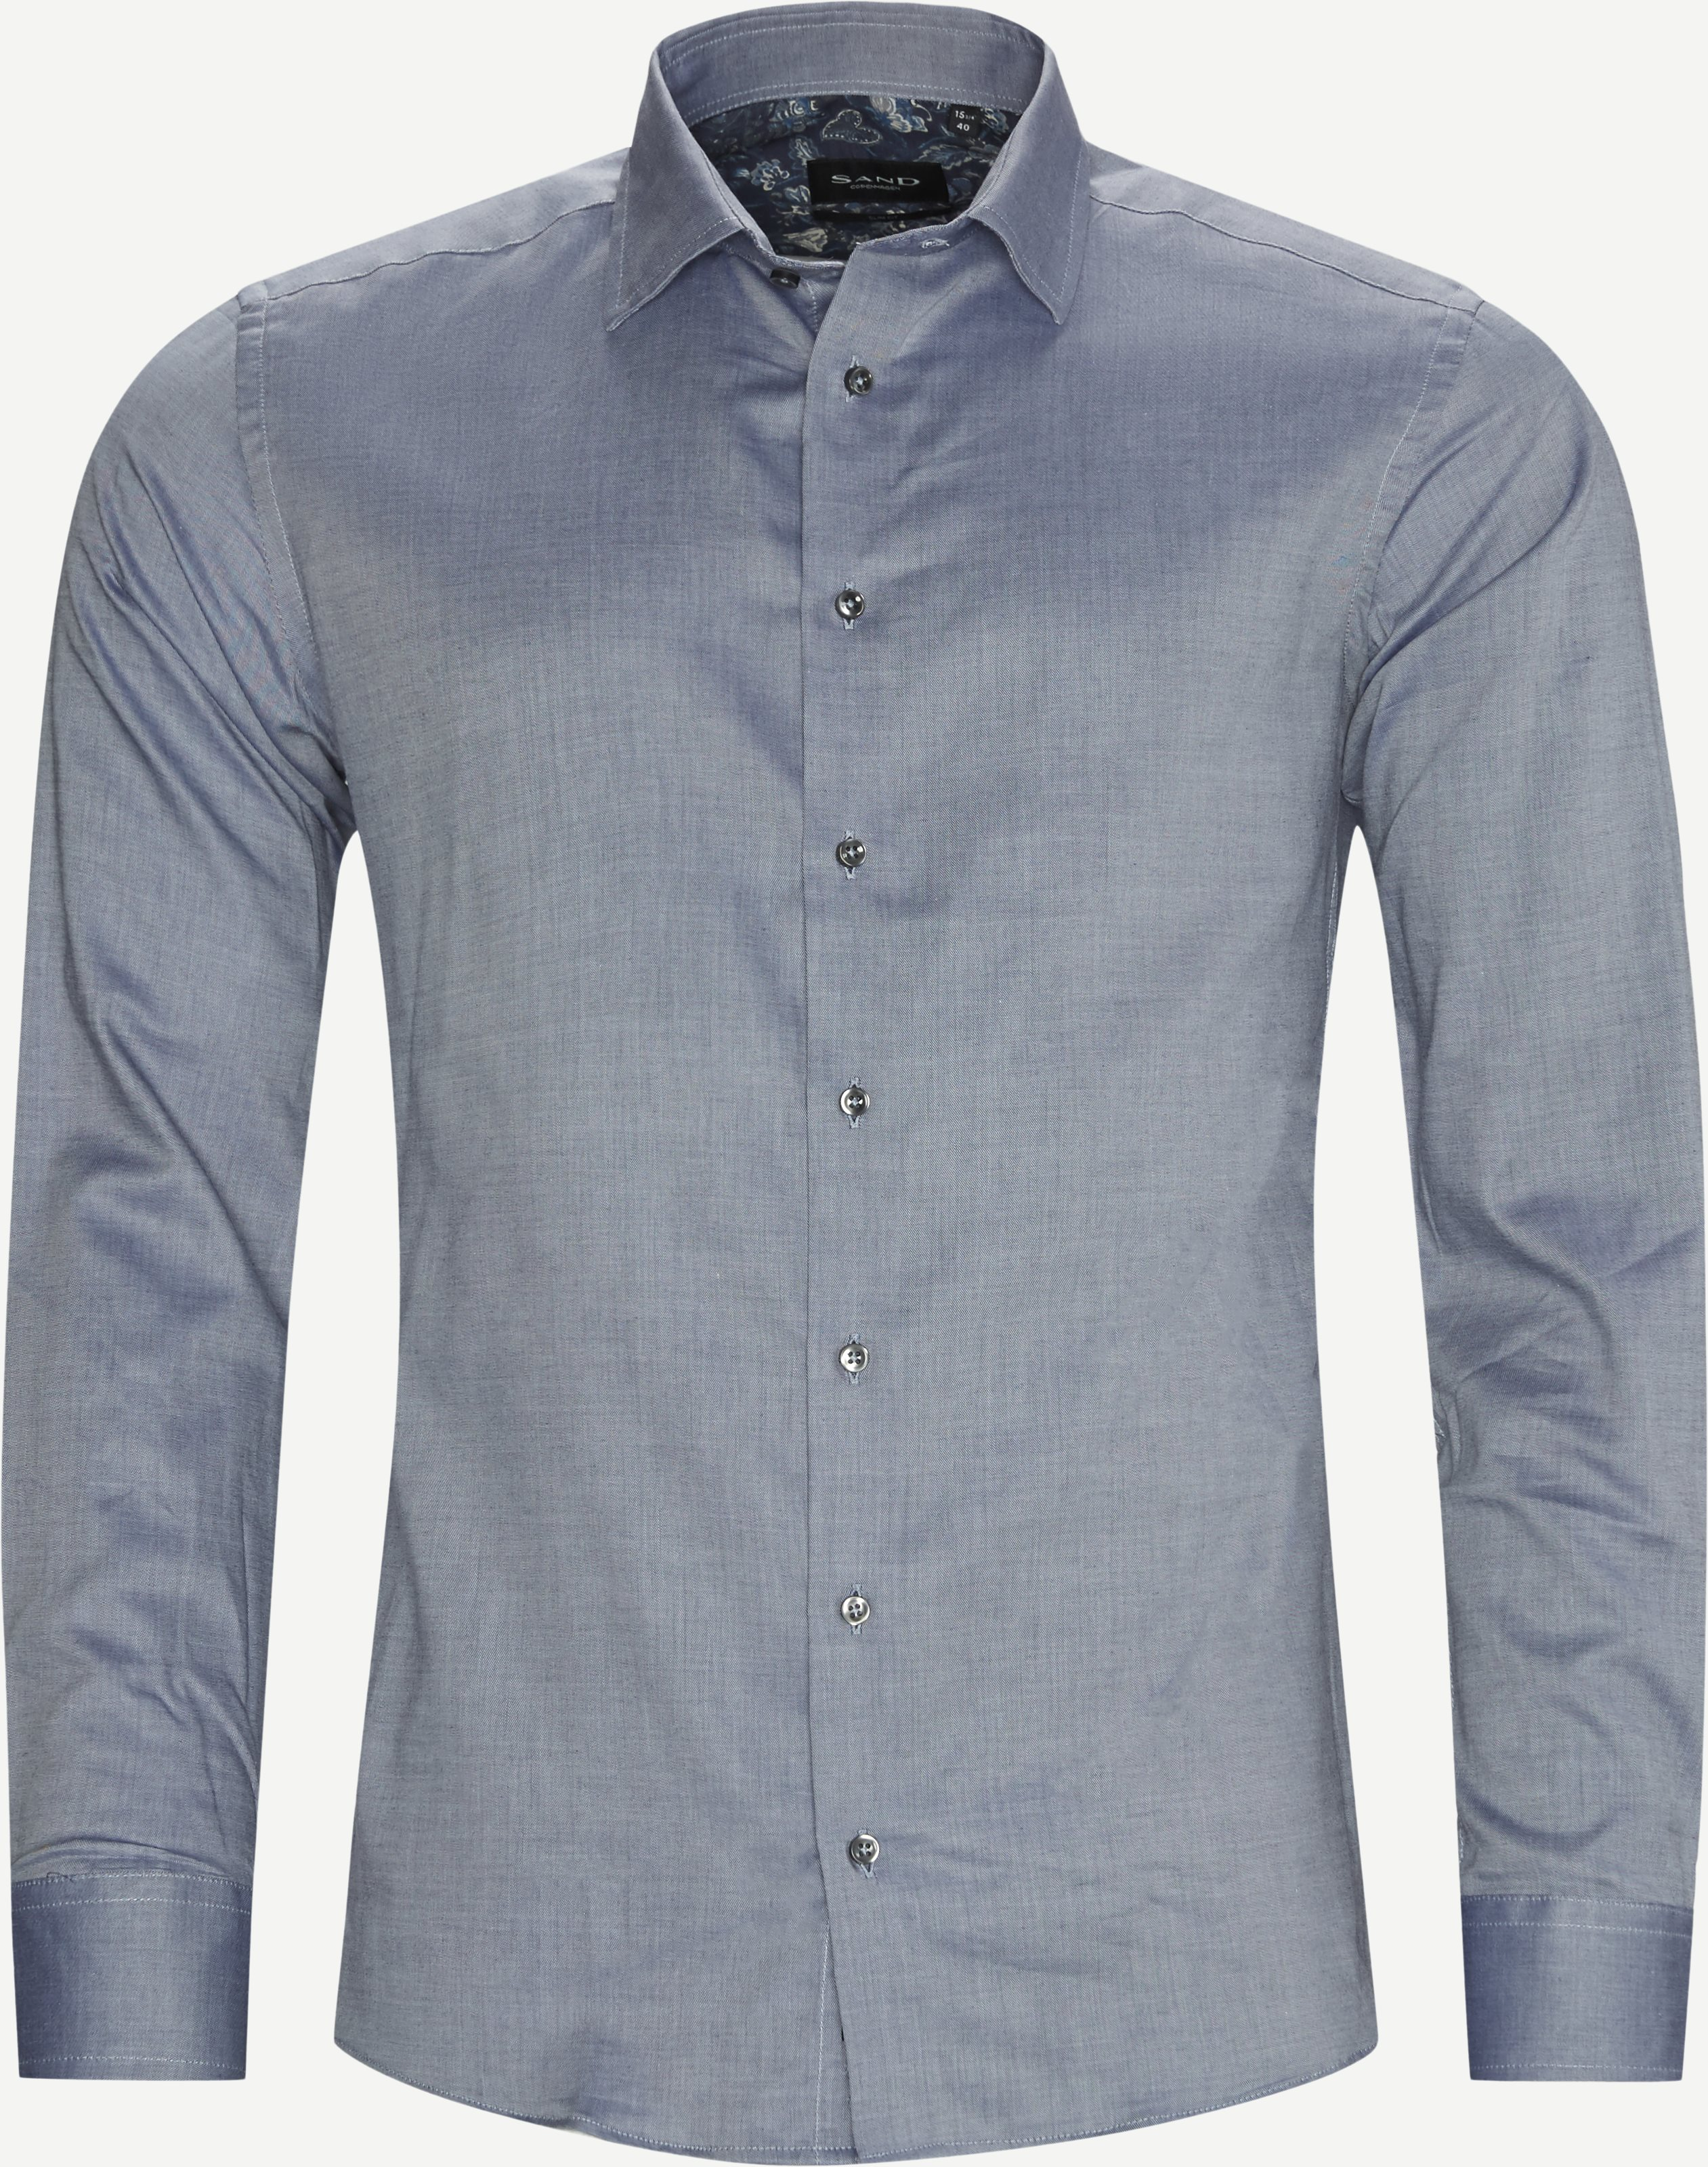 8657 Iver 2 Soft/State 2 Soft Skjorte - Skjorter - Blå